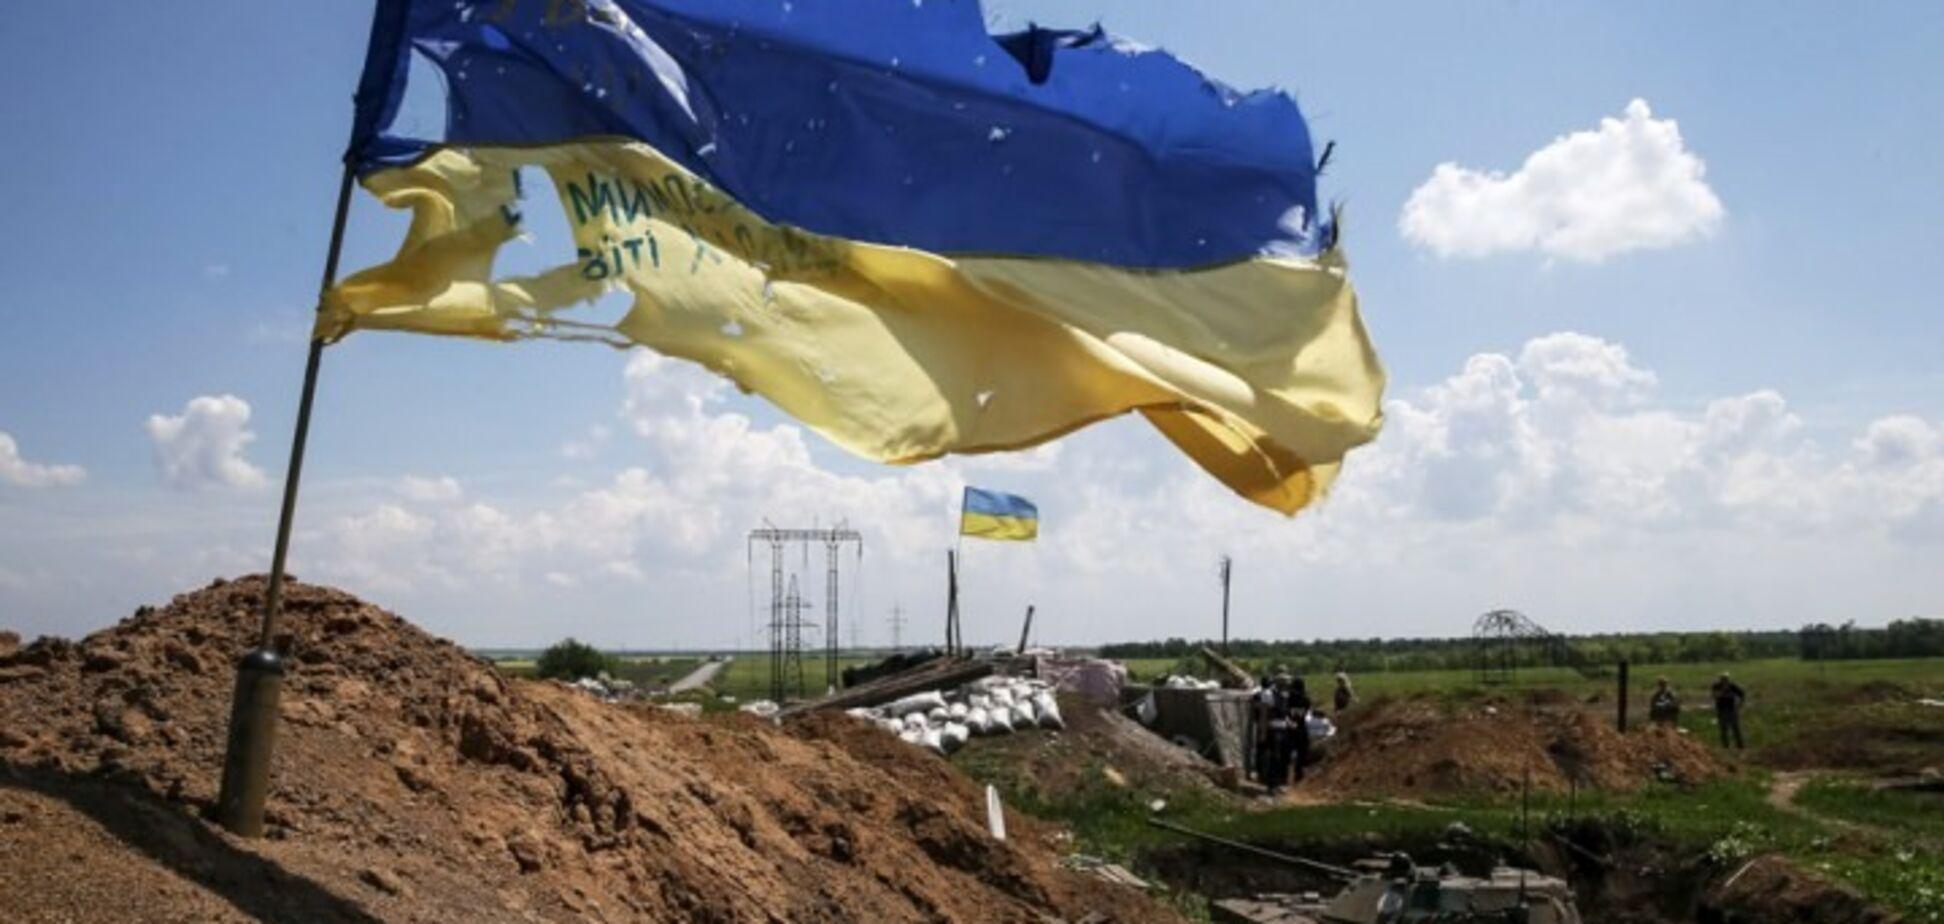 Бійці ООС дали потужну відсіч на Донбасі: ''Л/ДНР'' зазнали серйозних втрат